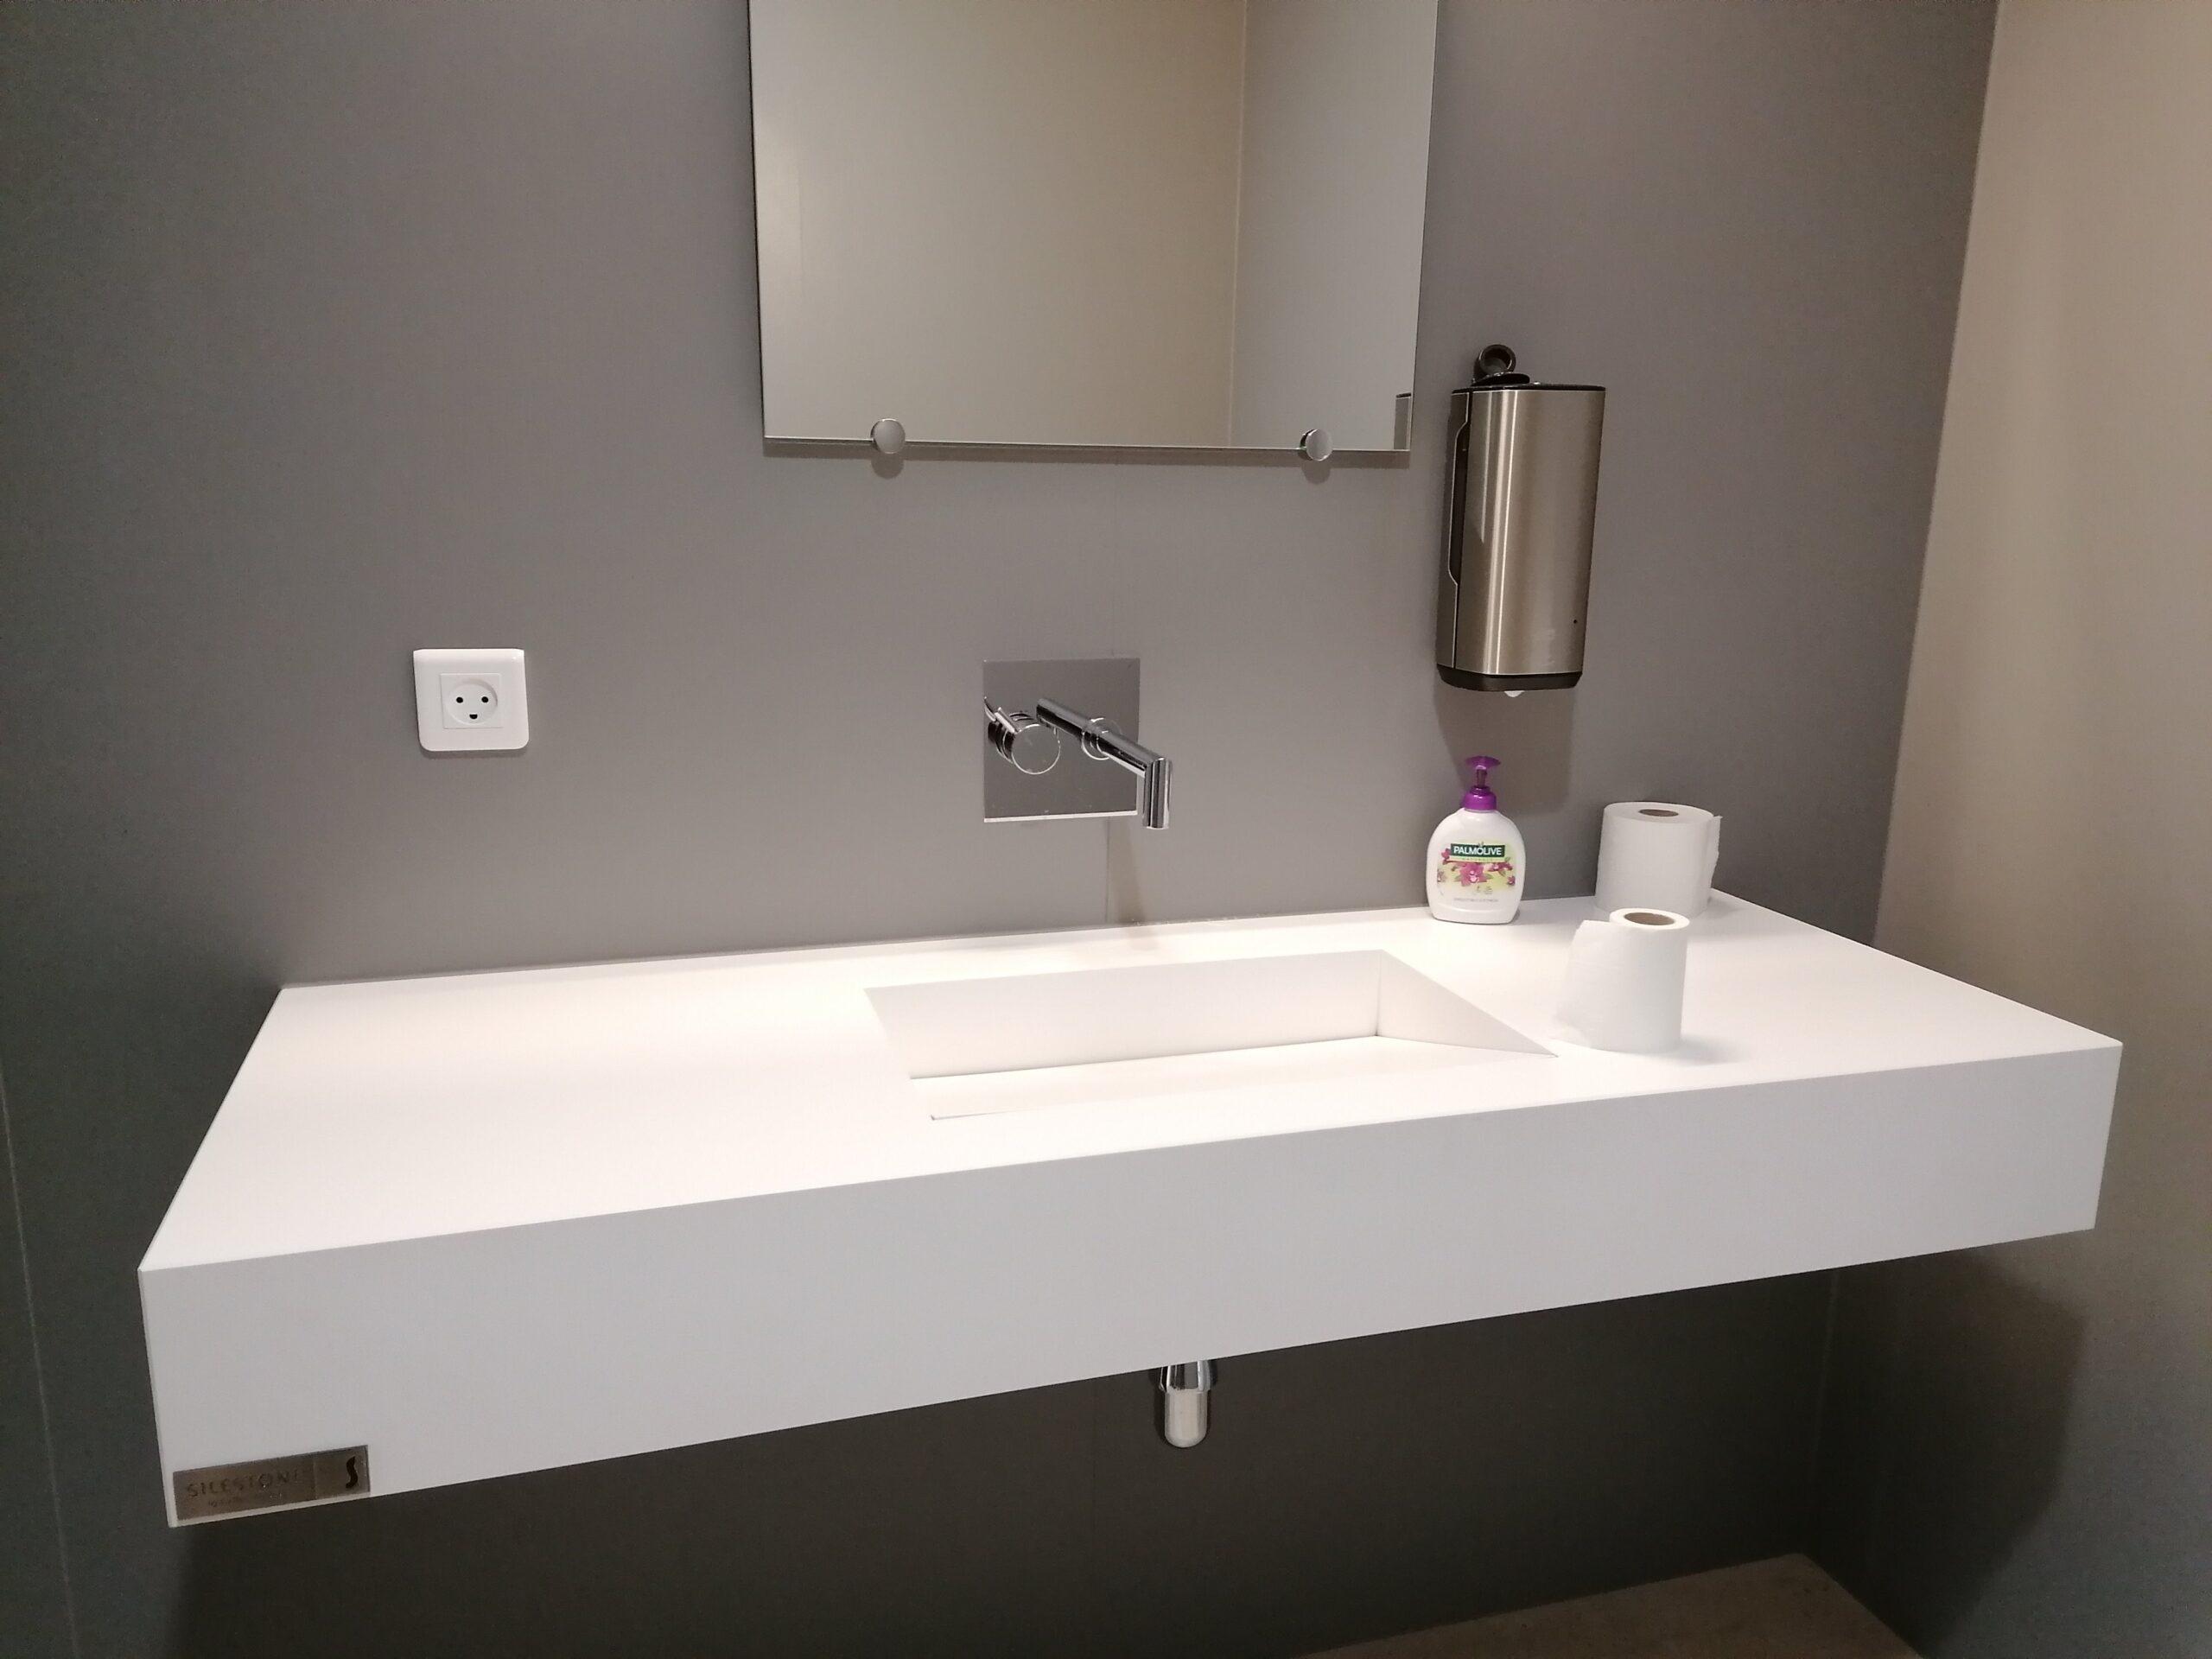 Handvask Til Bad Silestone C Hvid Armony 12 5cm Geringskant Poleret Stenshoppen Dk